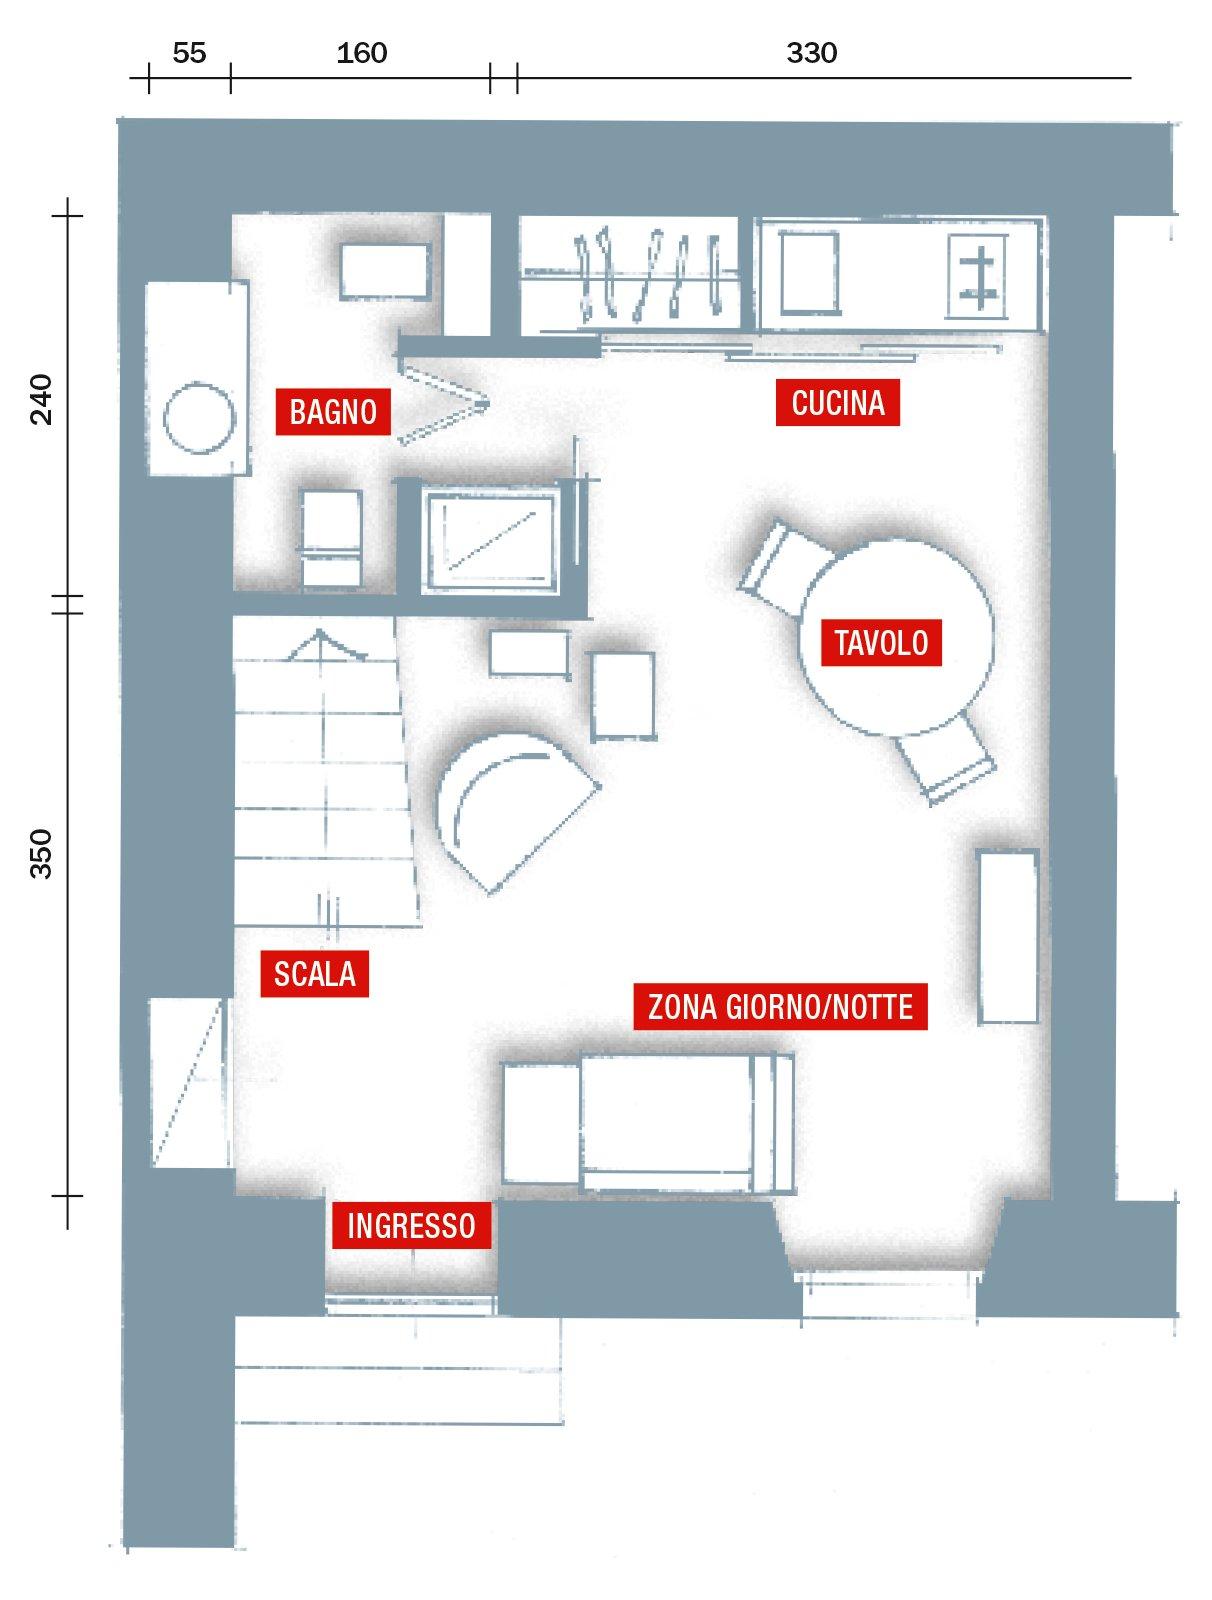 Monolocale una casa di 30 mq risolta al centimetro cose for Piccole planimetrie di casa di tronchi